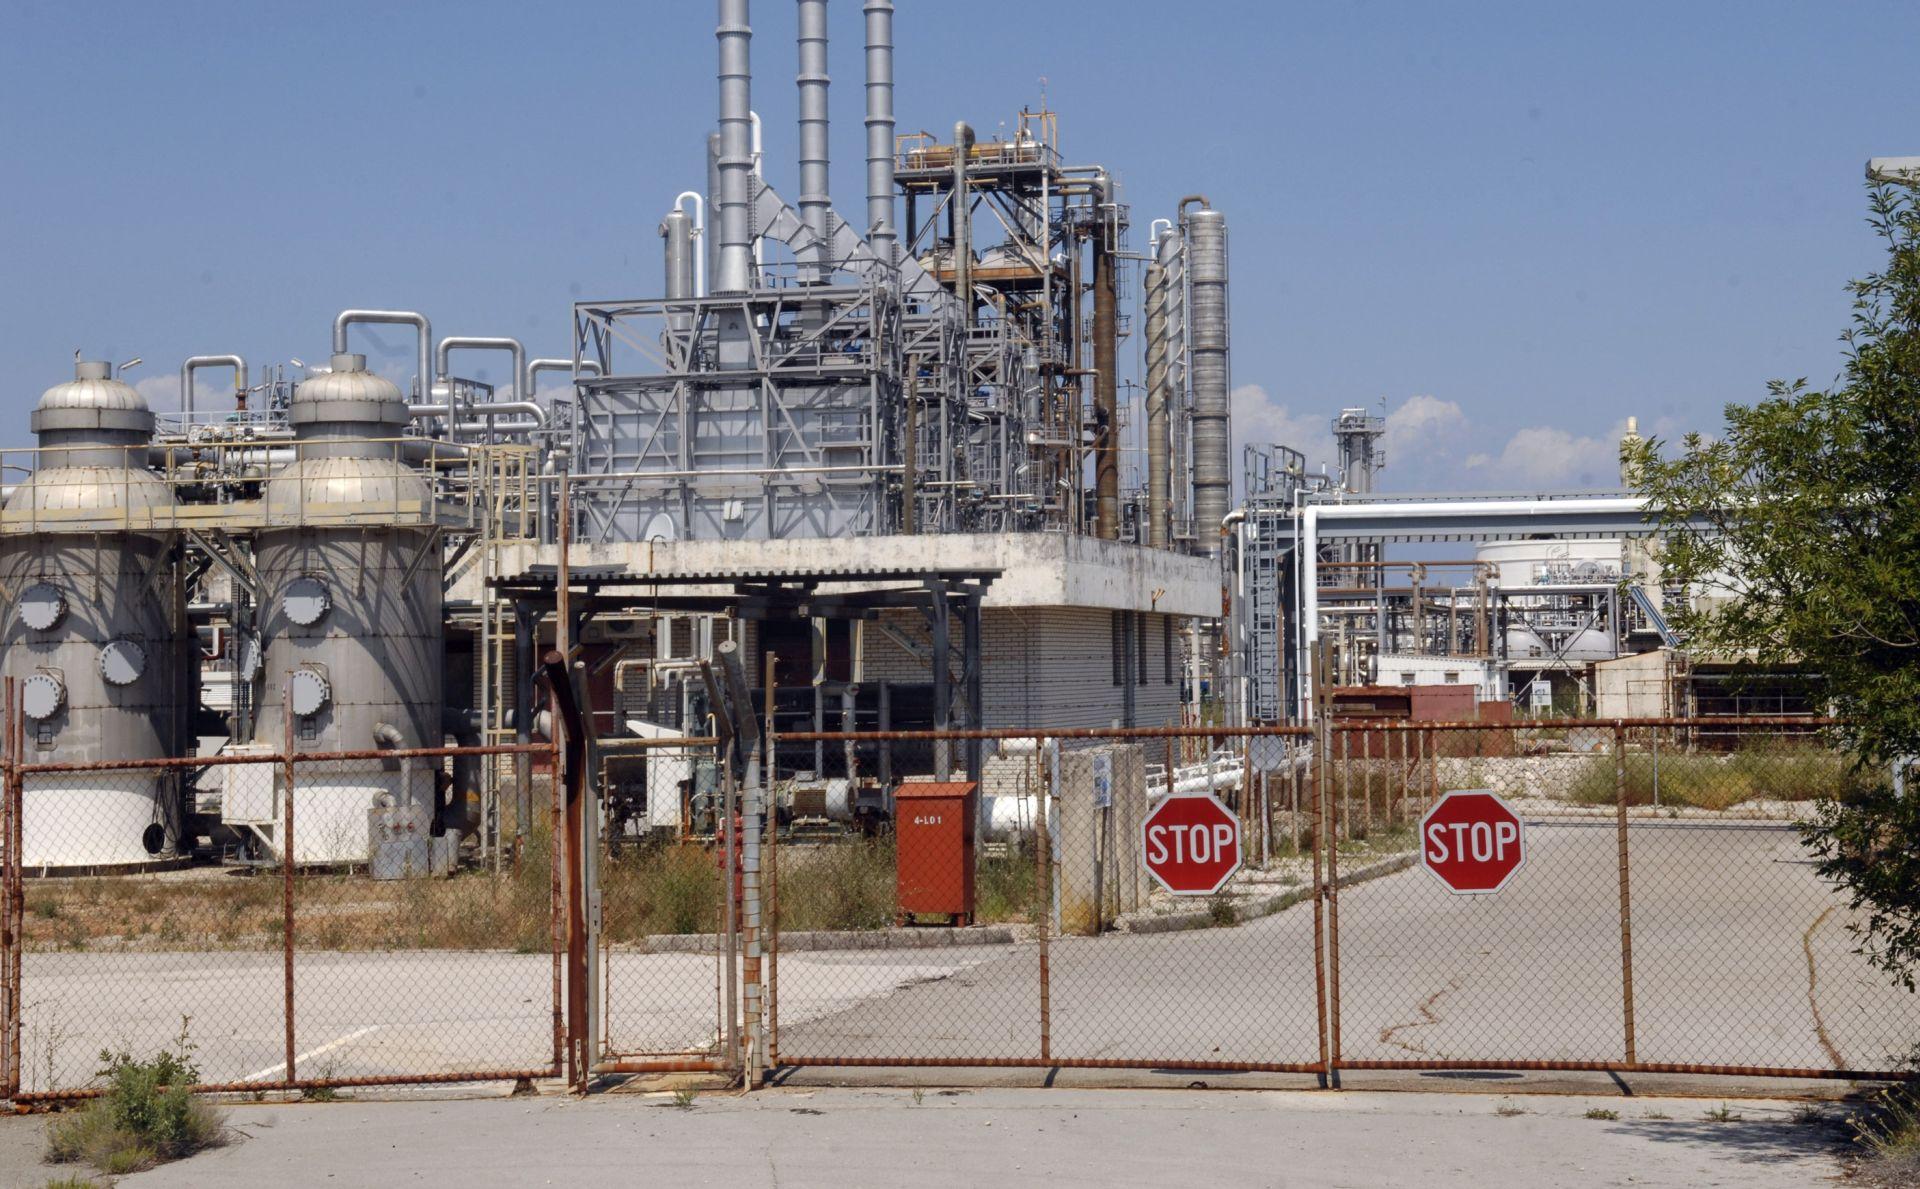 MINISTARSTVO ZAŠTITE OKOLIŠA: Nema opasnosti za ljude i okoliš, traži se rješenje za preostale kemikalije u Dini